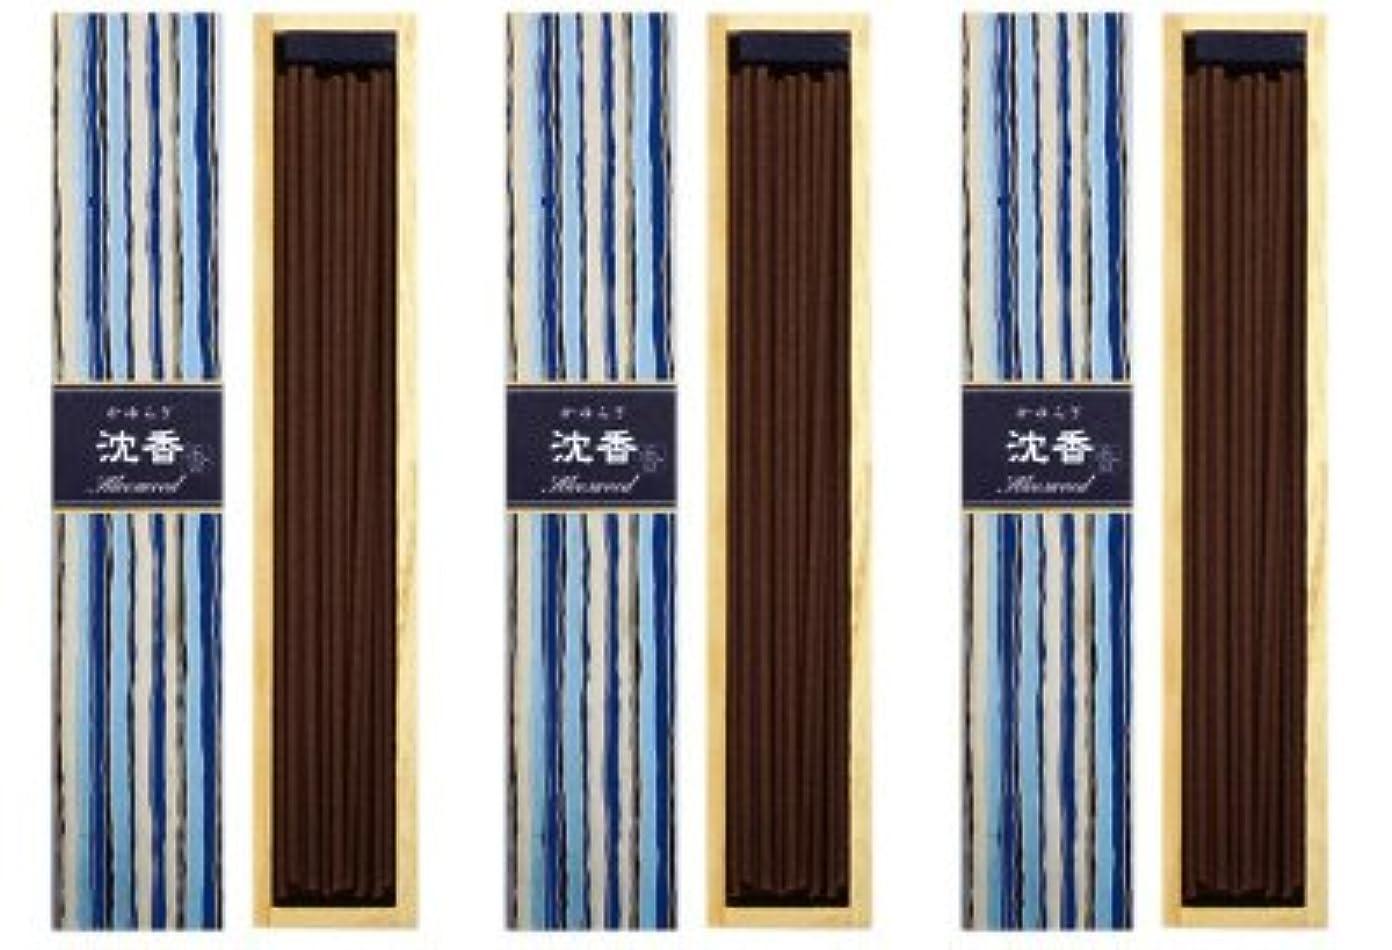 入札勇敢なキャラバン日本香堂 かゆらぎ 沈香 スティック40本入 3箱セット